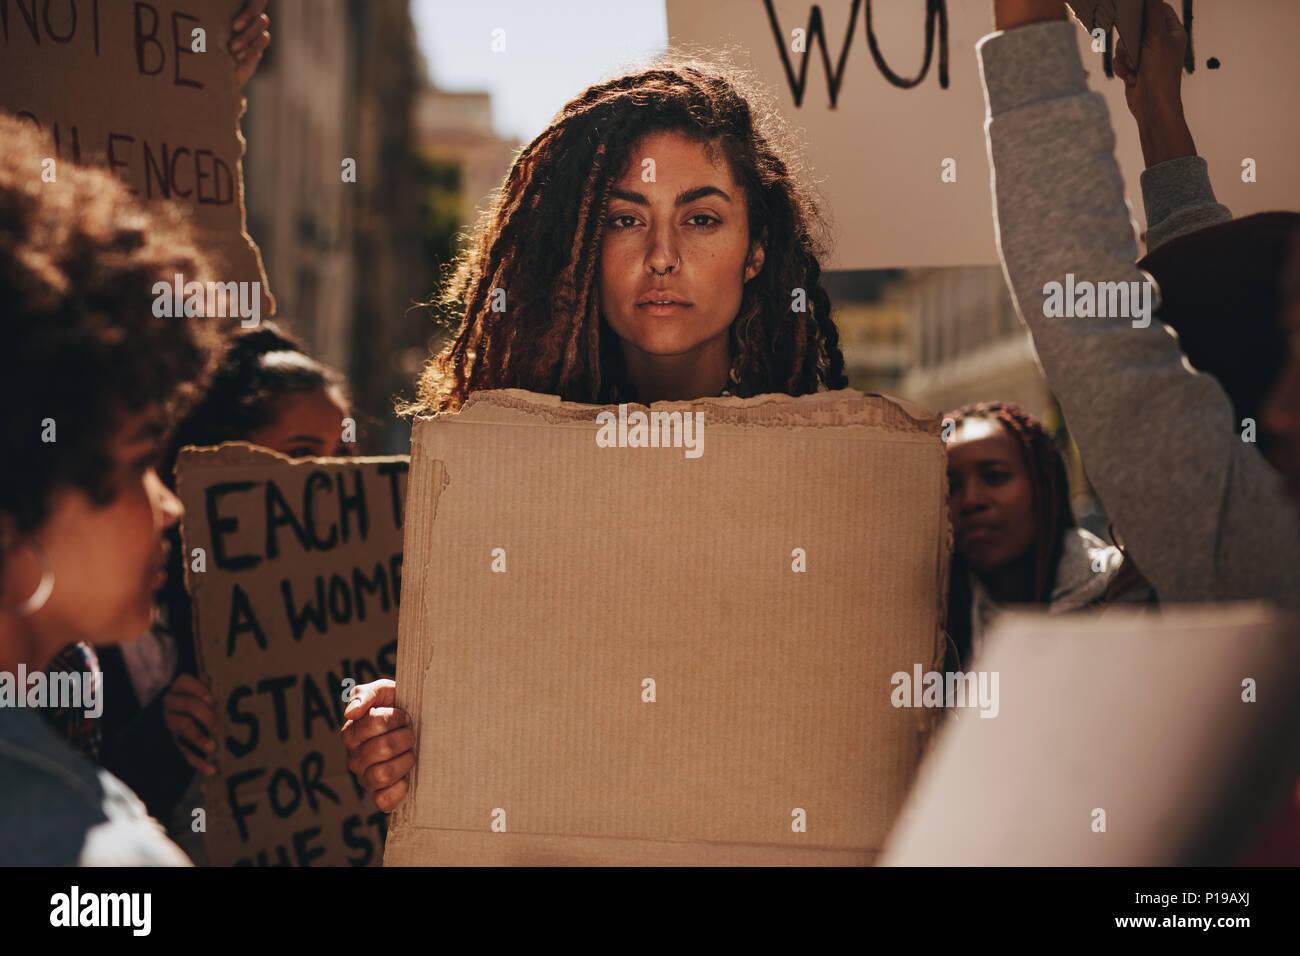 Schwere Frau mit einem leeren Plakat während eines Protestes im Freien. Gruppe der weiblichen Demonstranten auf der Straße bei Banner. Stockbild